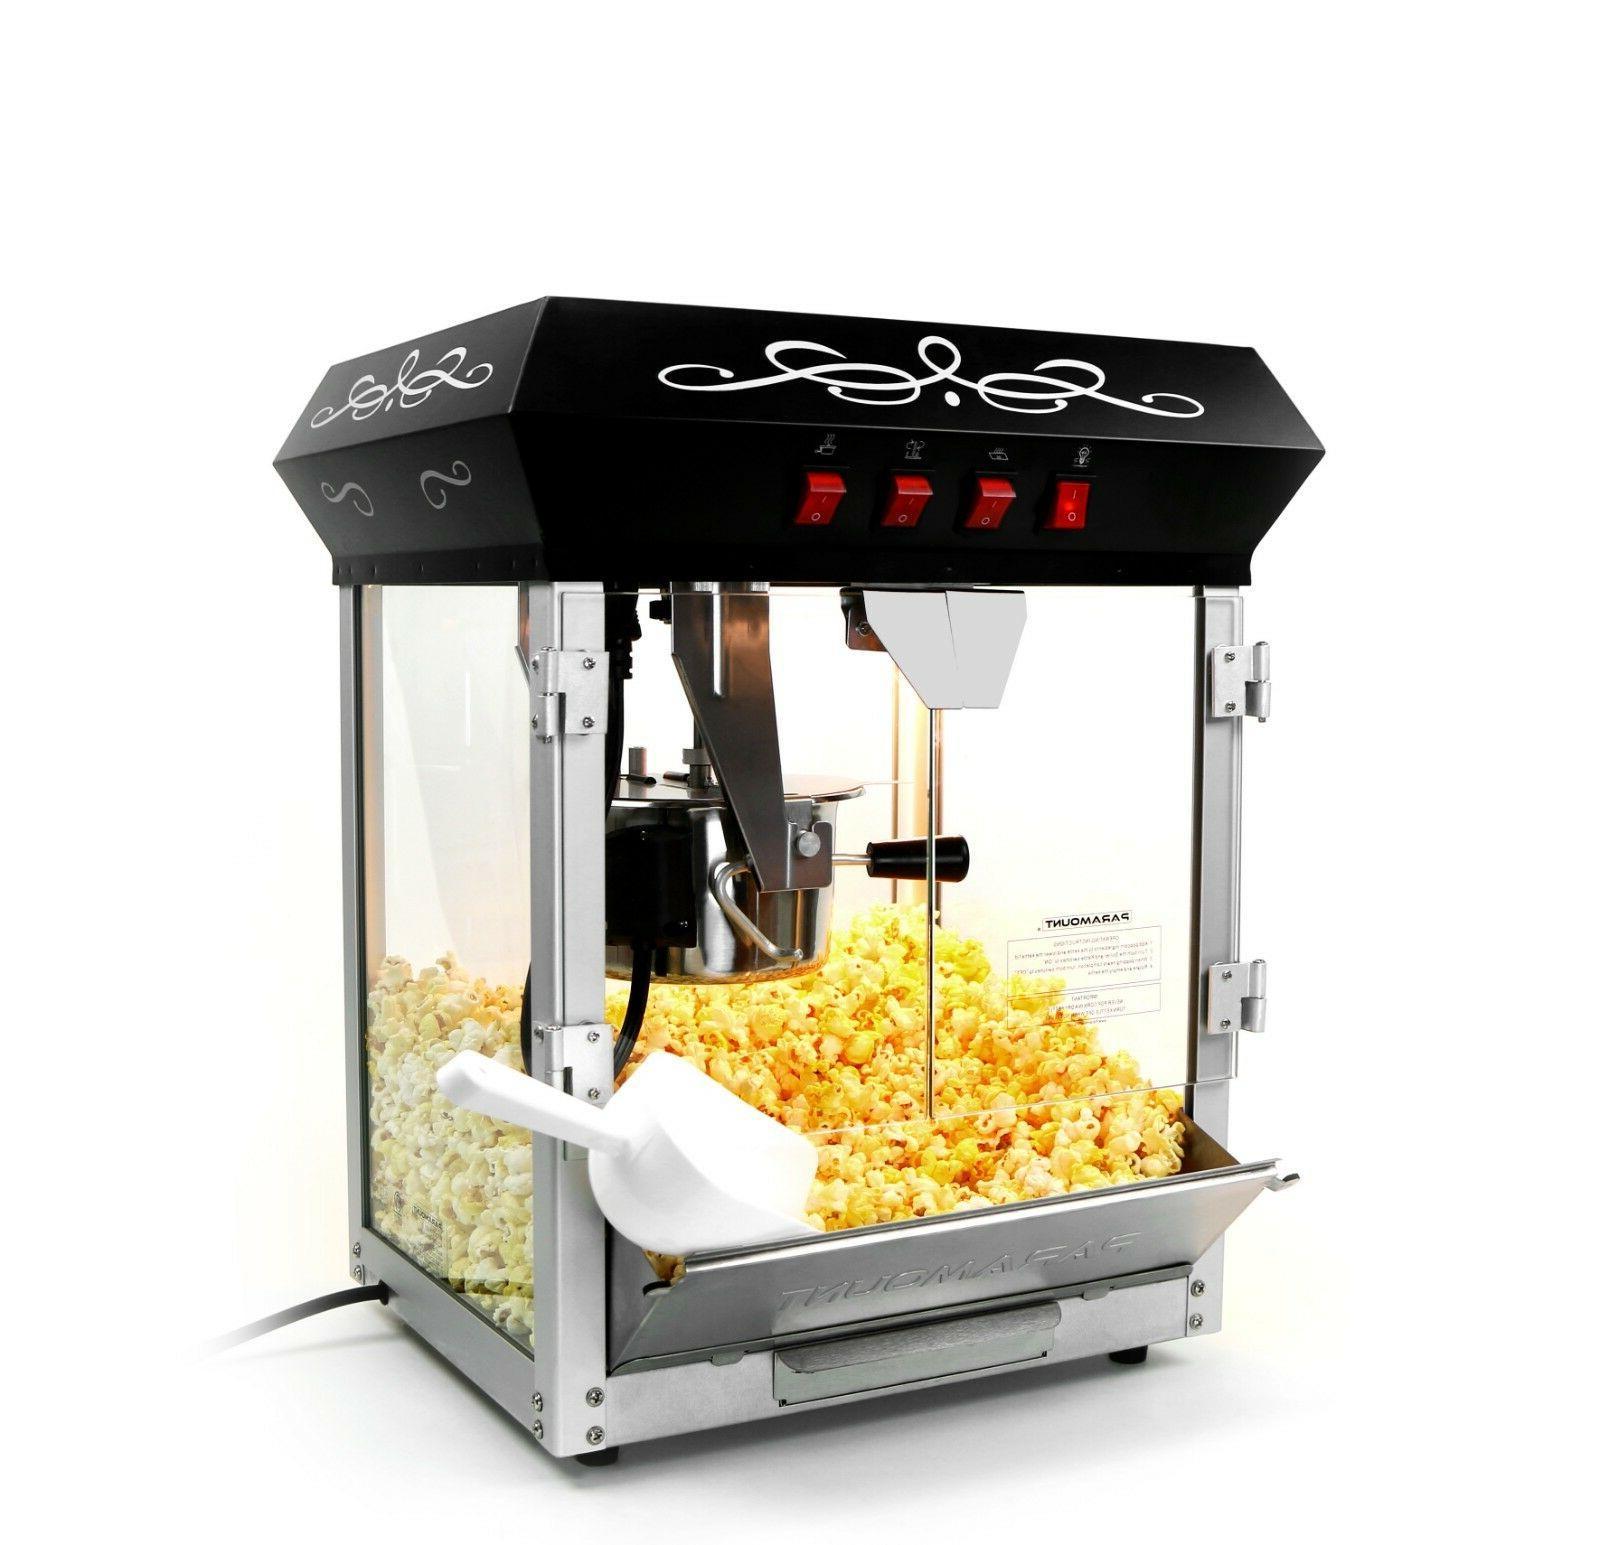 6oz popcorn maker machine new upgraded 6